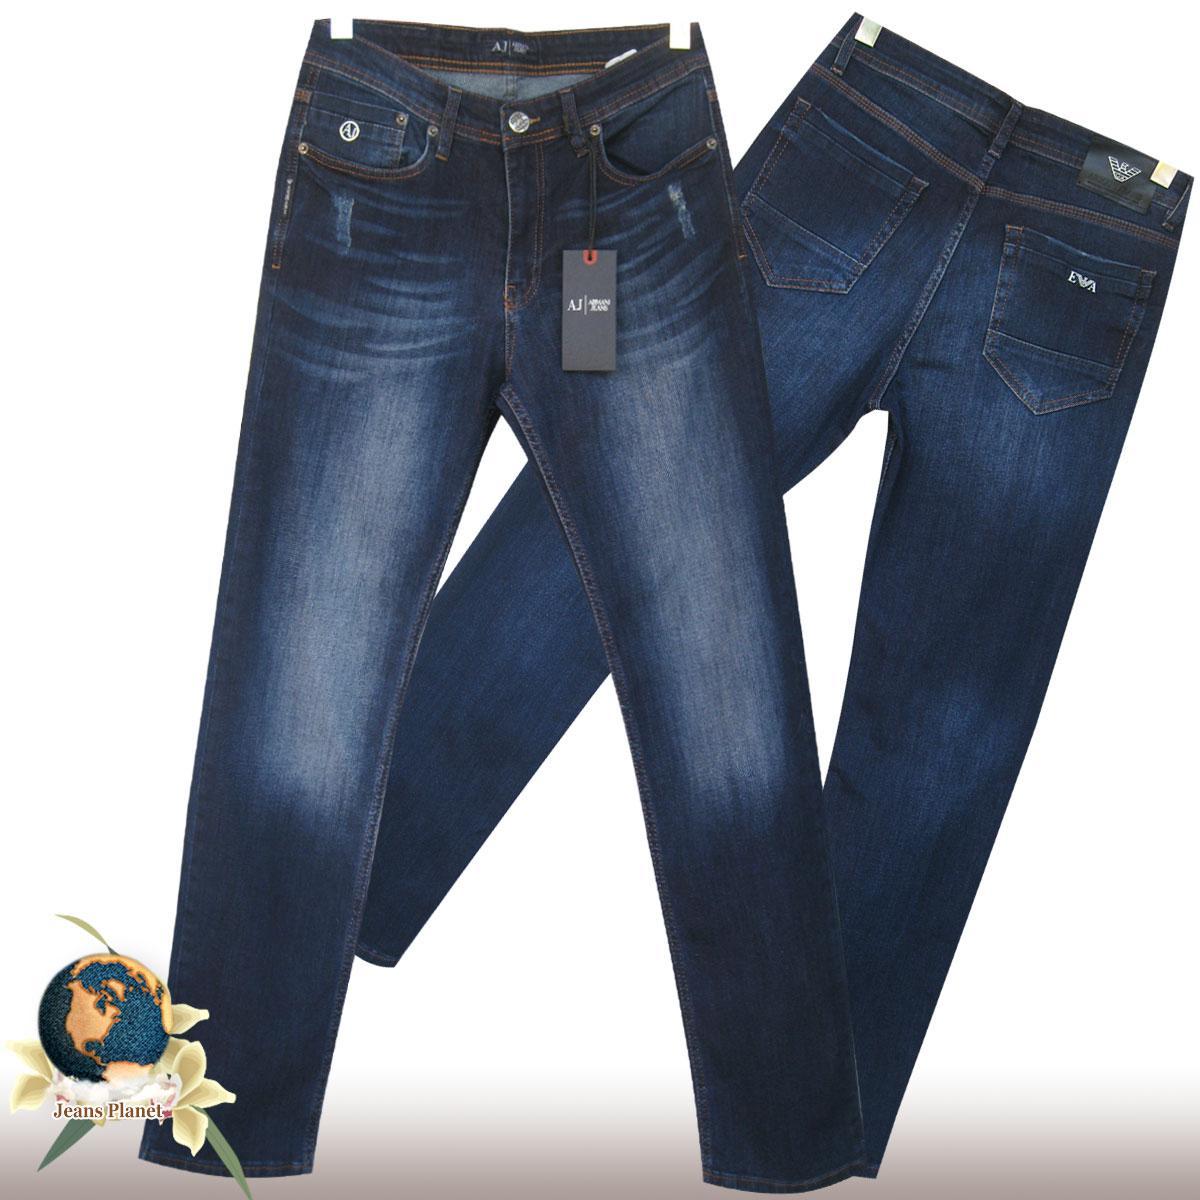 Стильные мужские классические джинсы Philipp Plein тёмно-синего цвета 32 размер